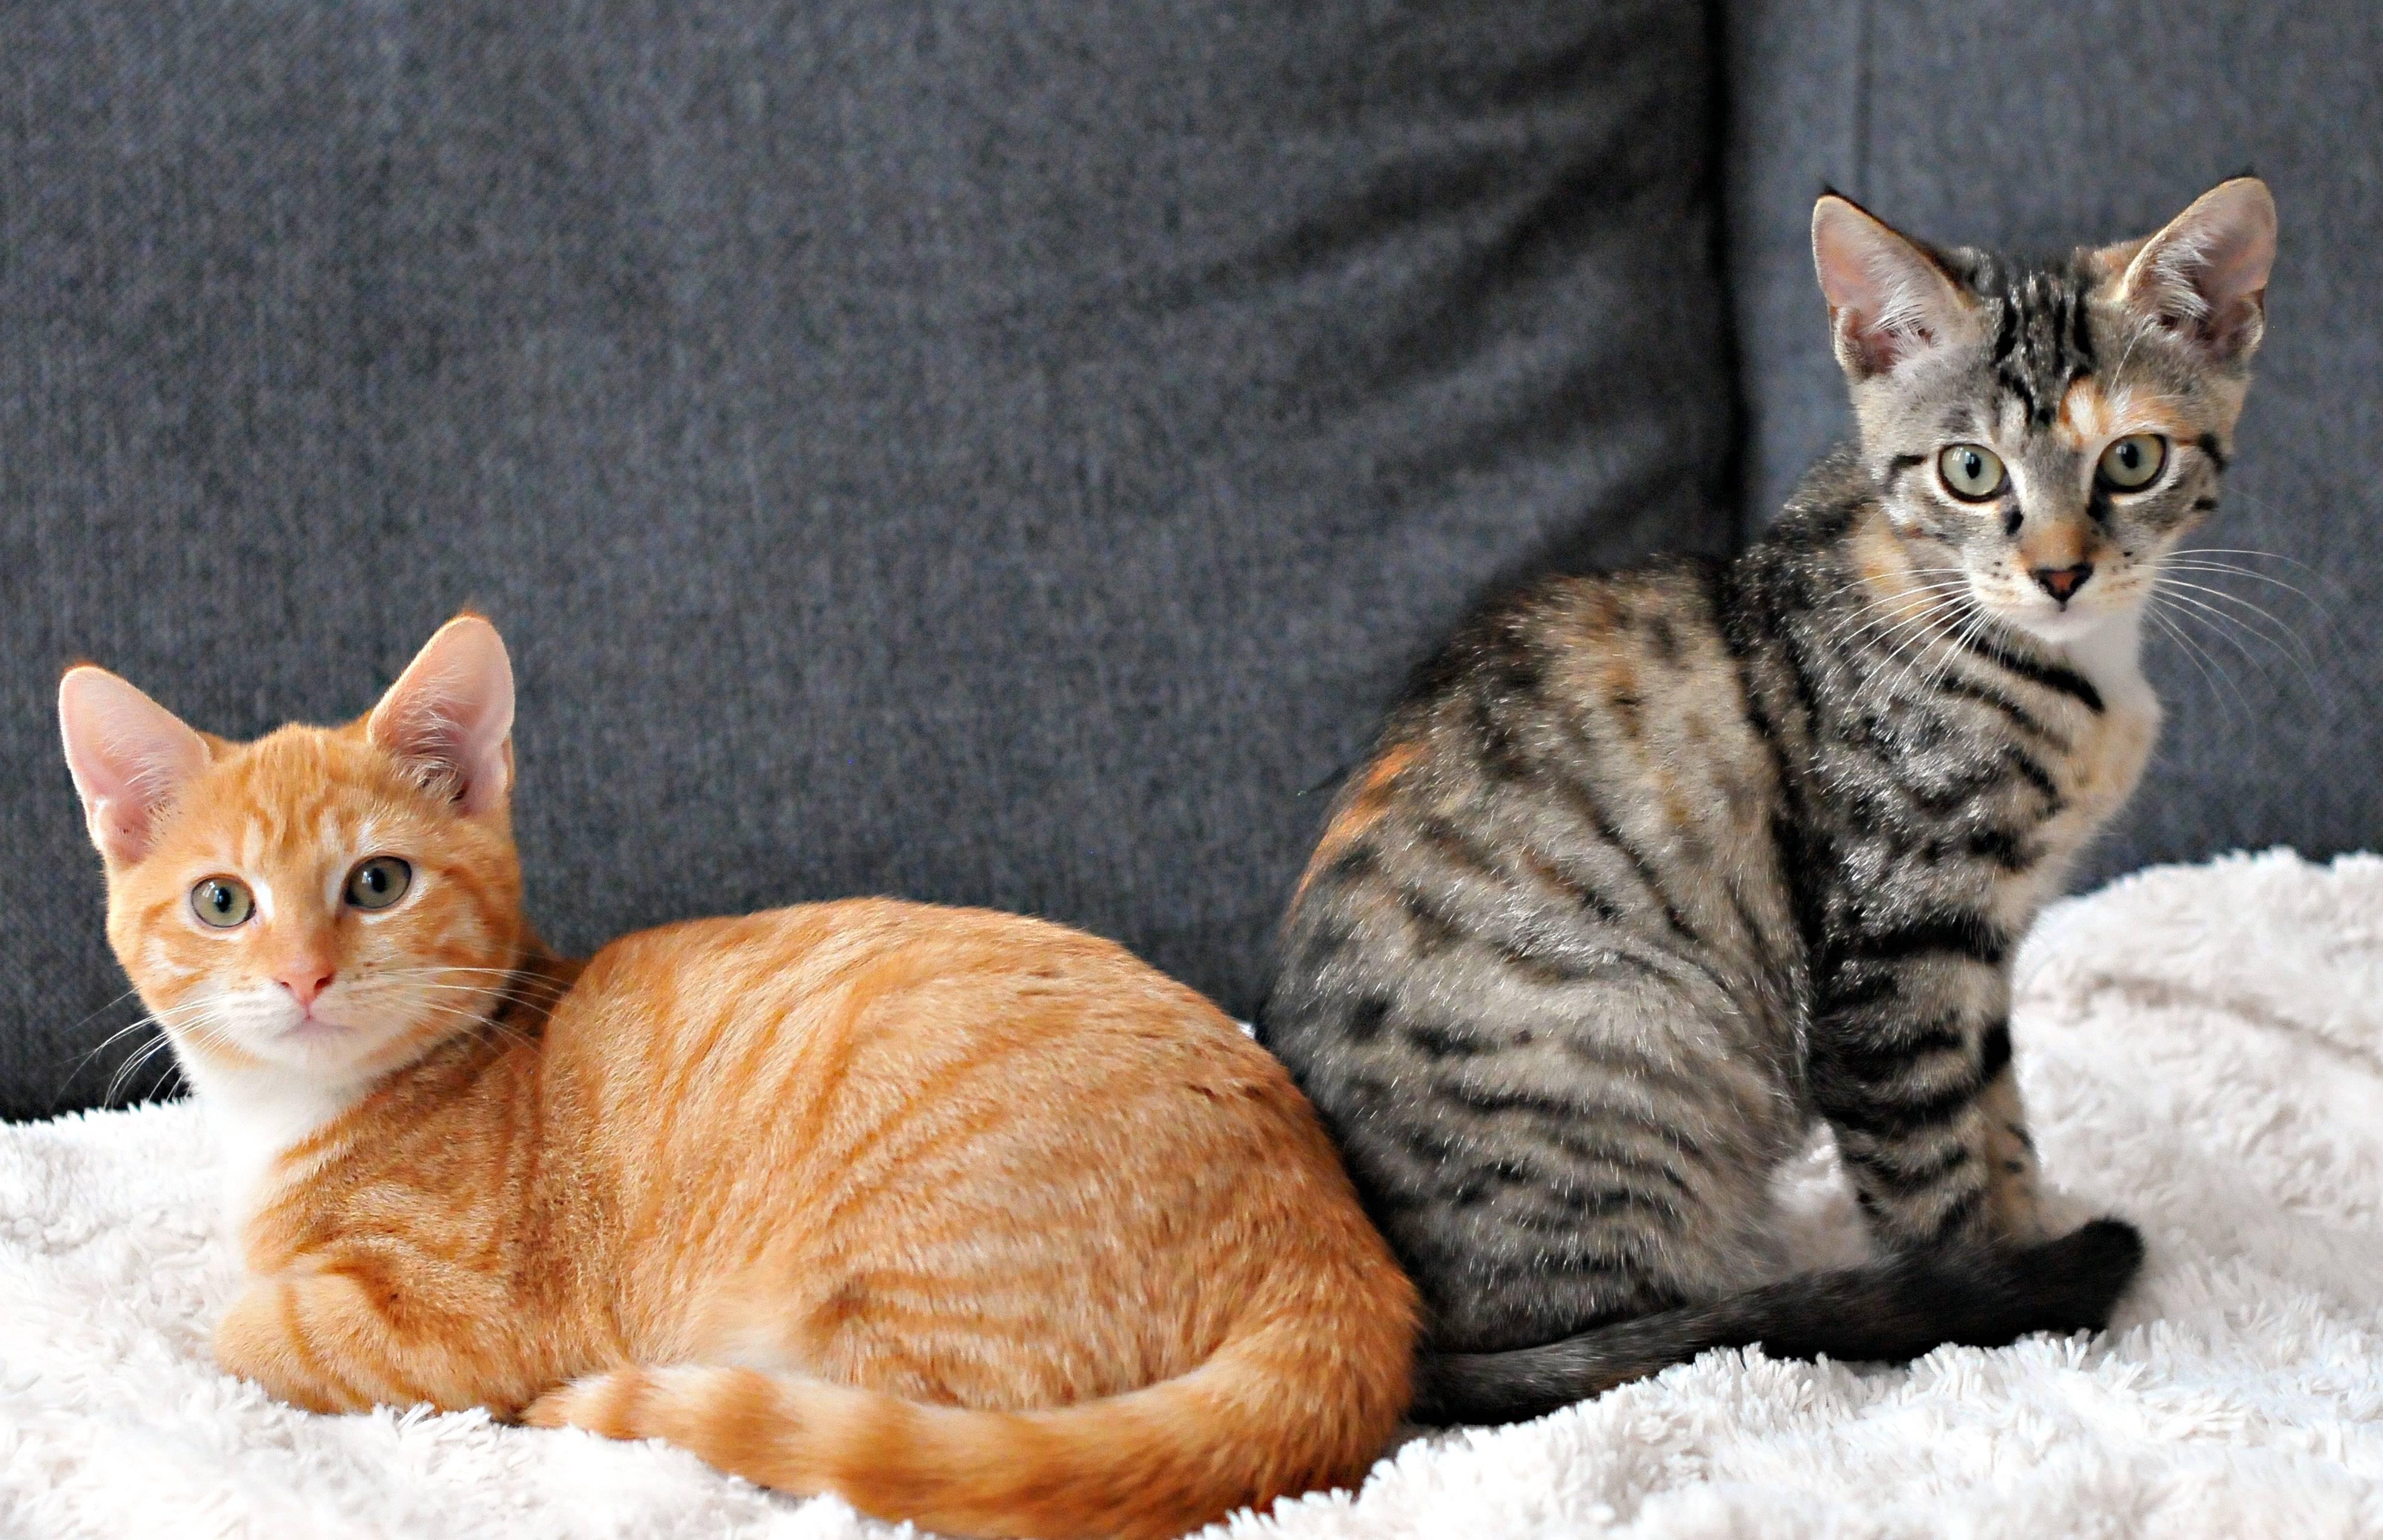 Европейская кошка: описание короткошерстной кельтской породы